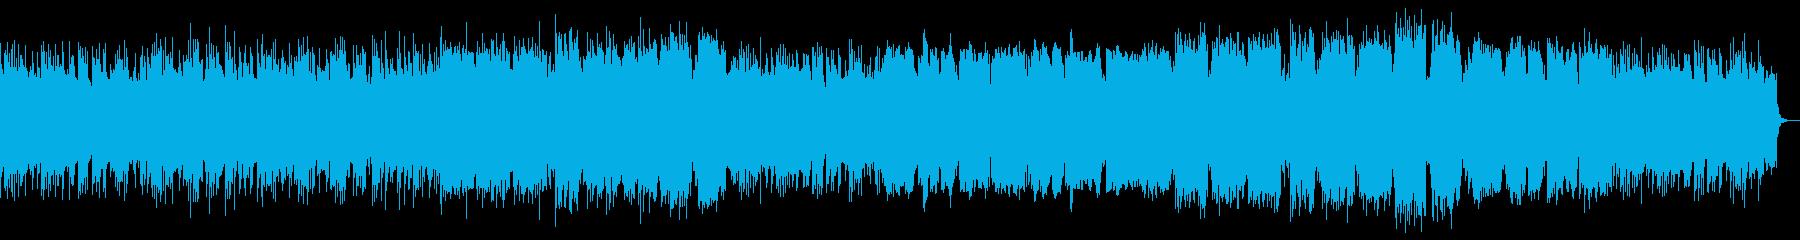 ピアノ、管楽器によるレトロ風ポップスの再生済みの波形